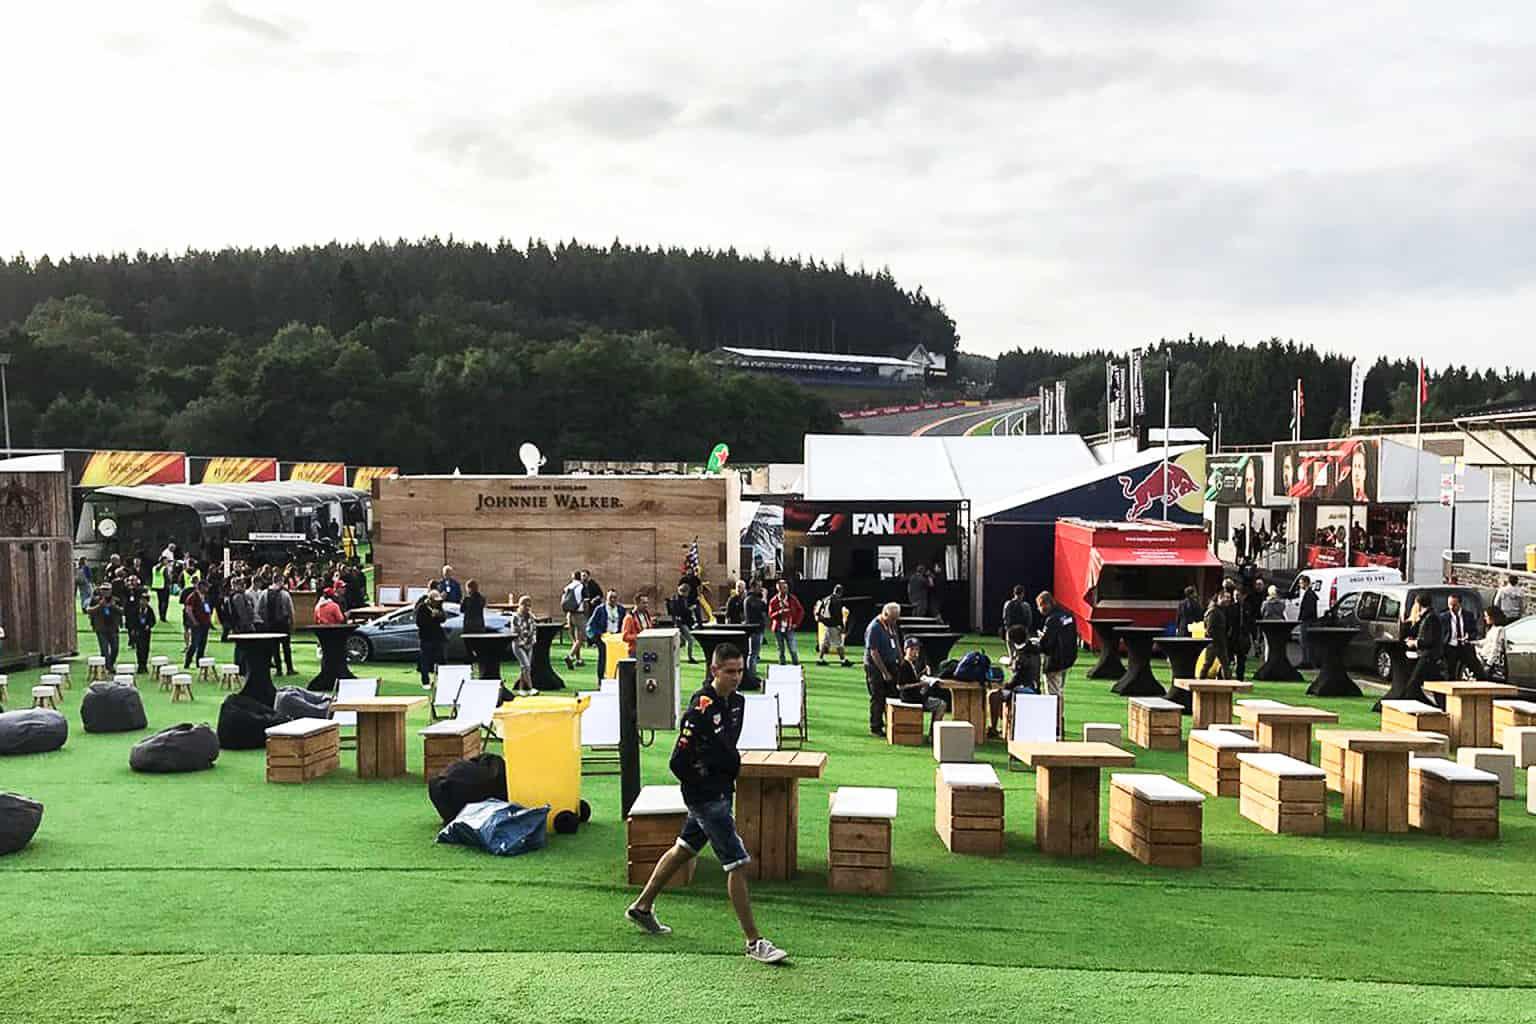 Aménagement de la Fan Zone F1 par So Event